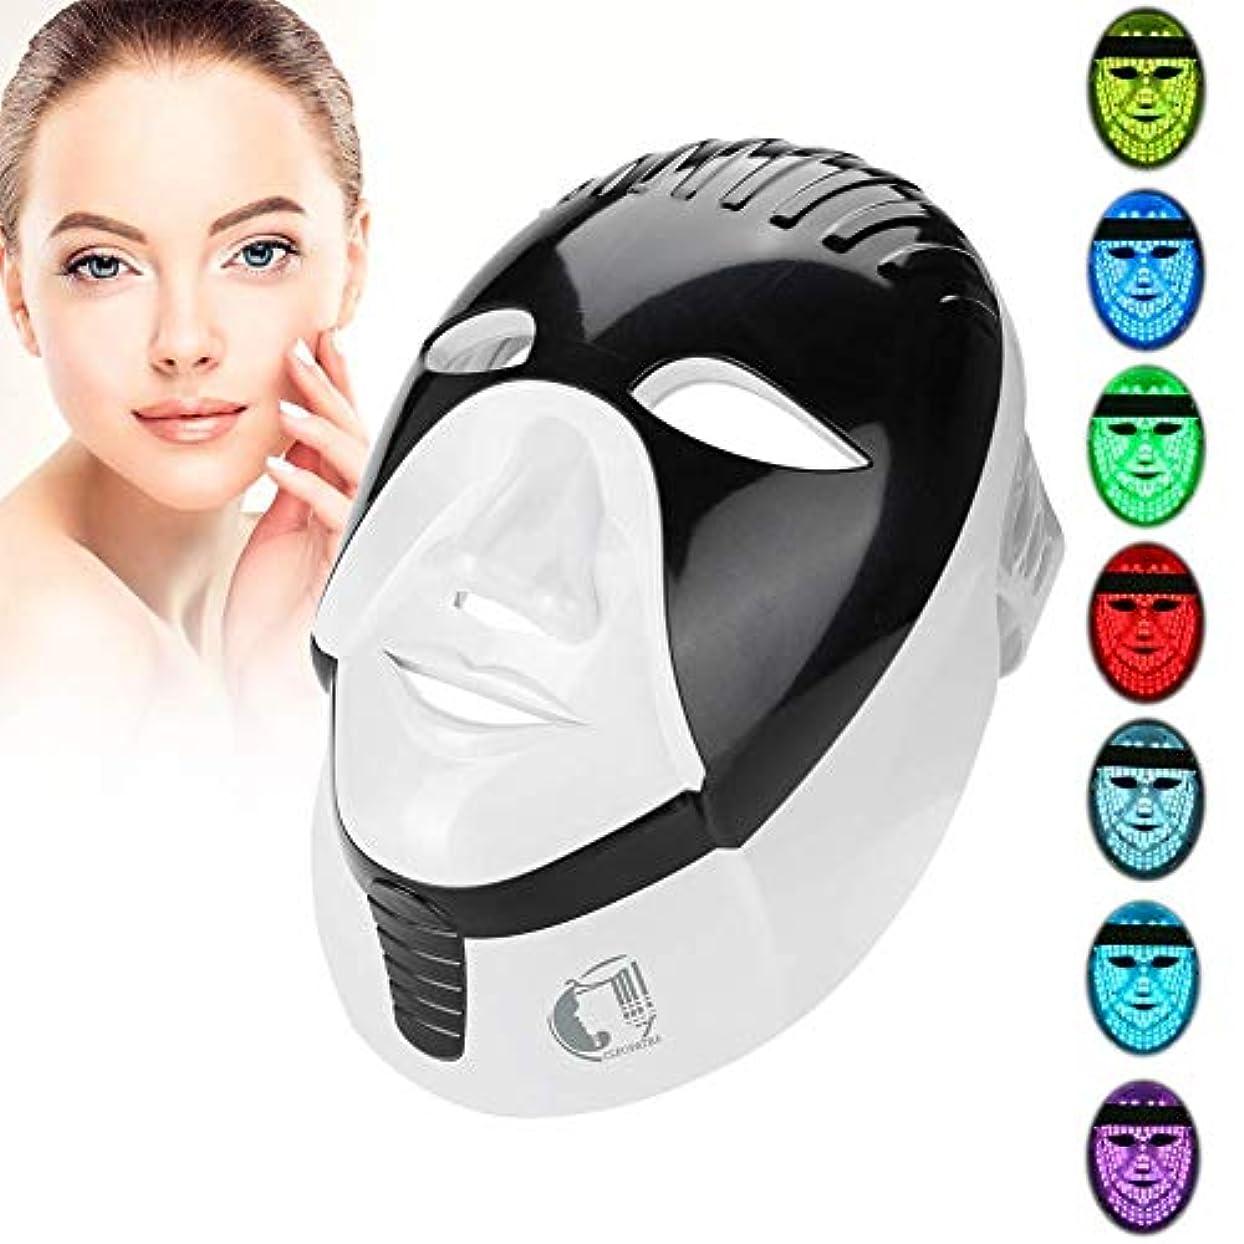 ディプロマ手当良さフォトンセラピー7色マスク、毎日のスキンケアの若返りにきびとしわの除去のための美光療法フェイシャル